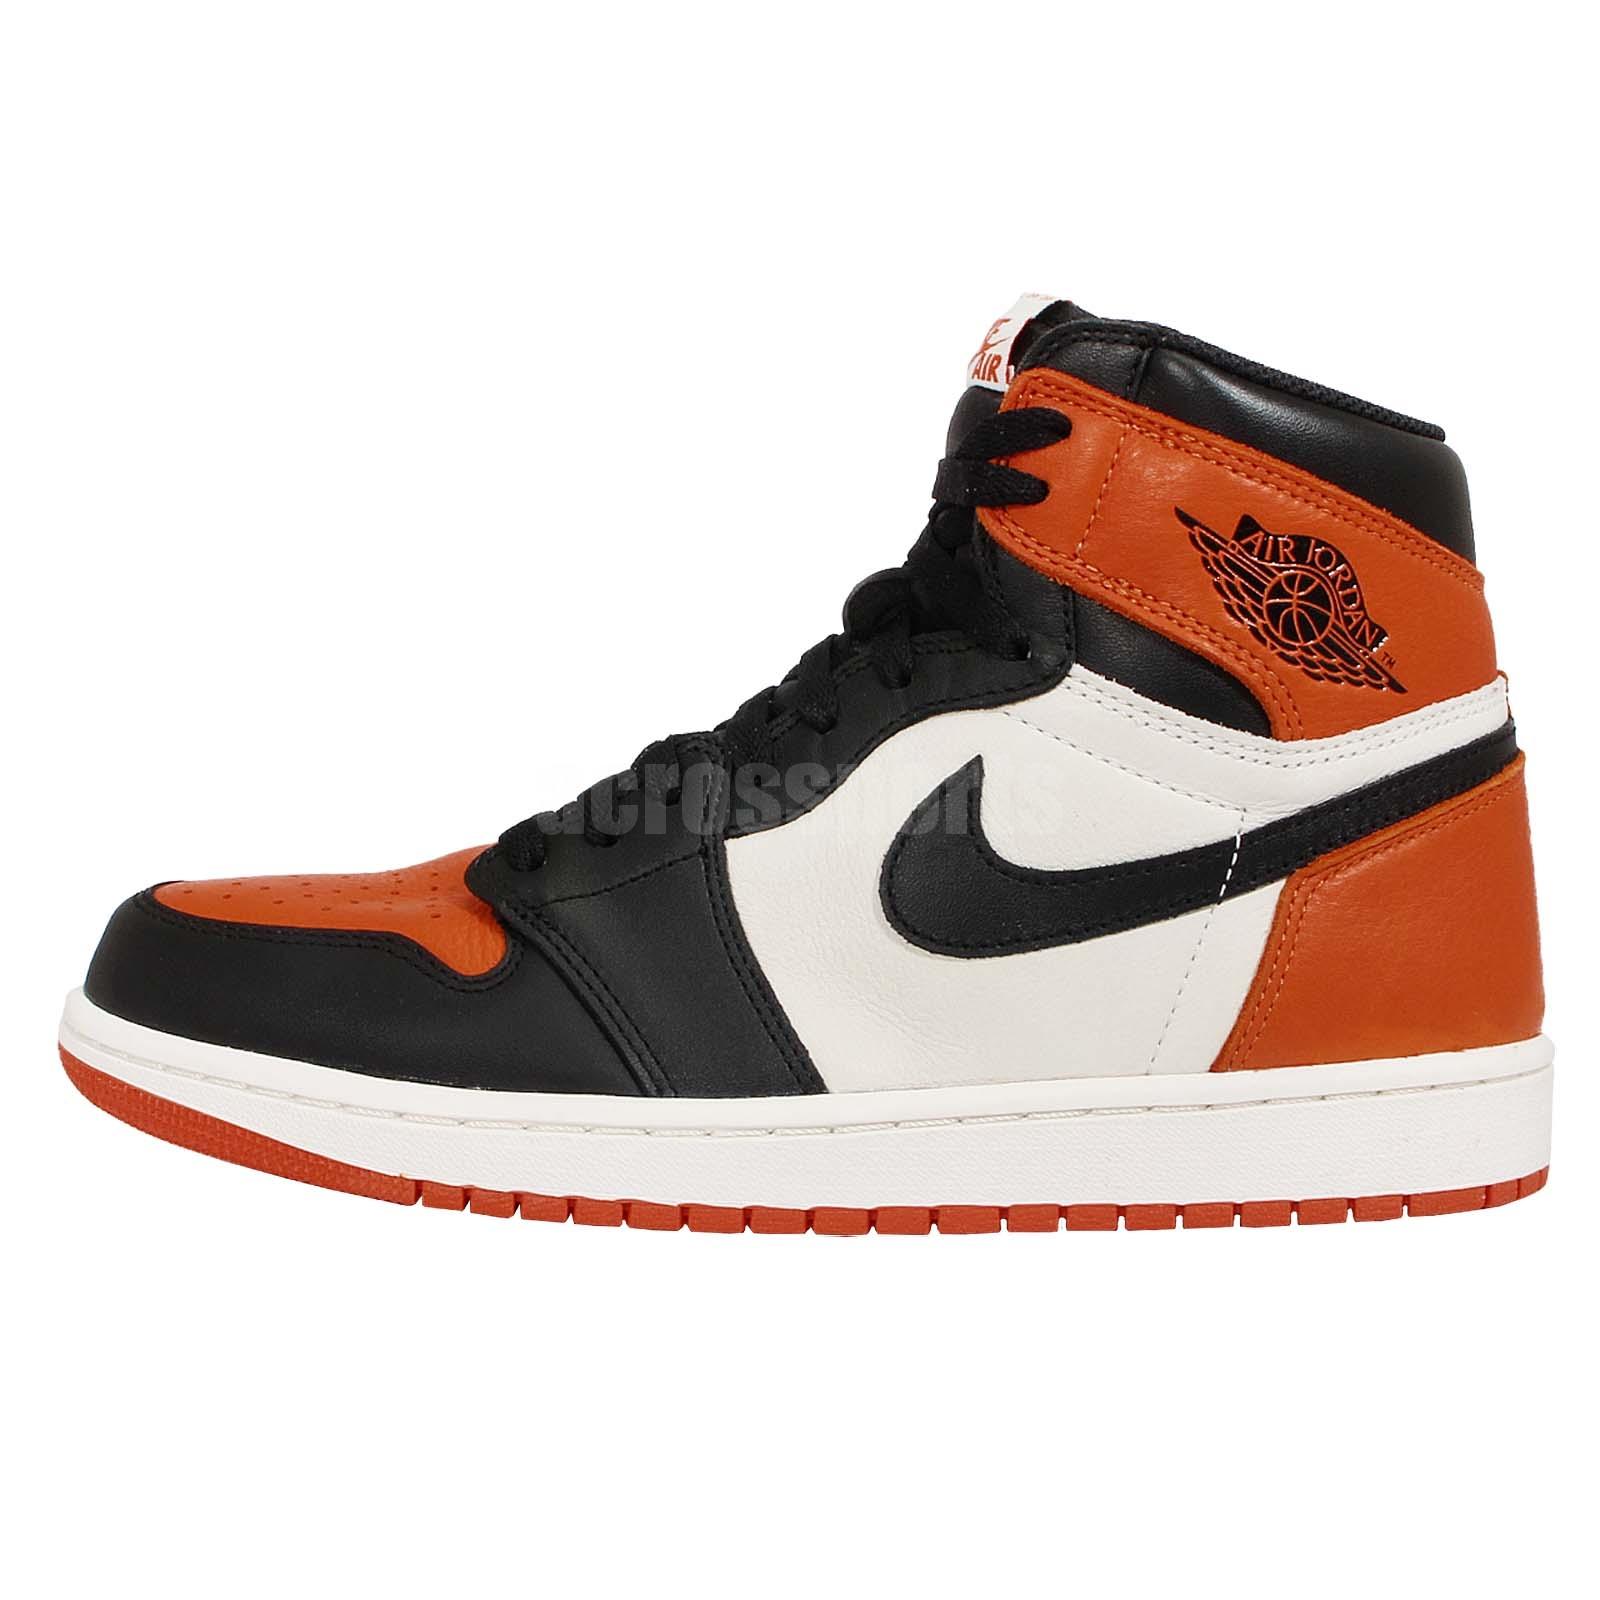 Nike Air Jordan 1 Retro High OG Shattered Backboard Black Orange AJ1 555088 005 eBay